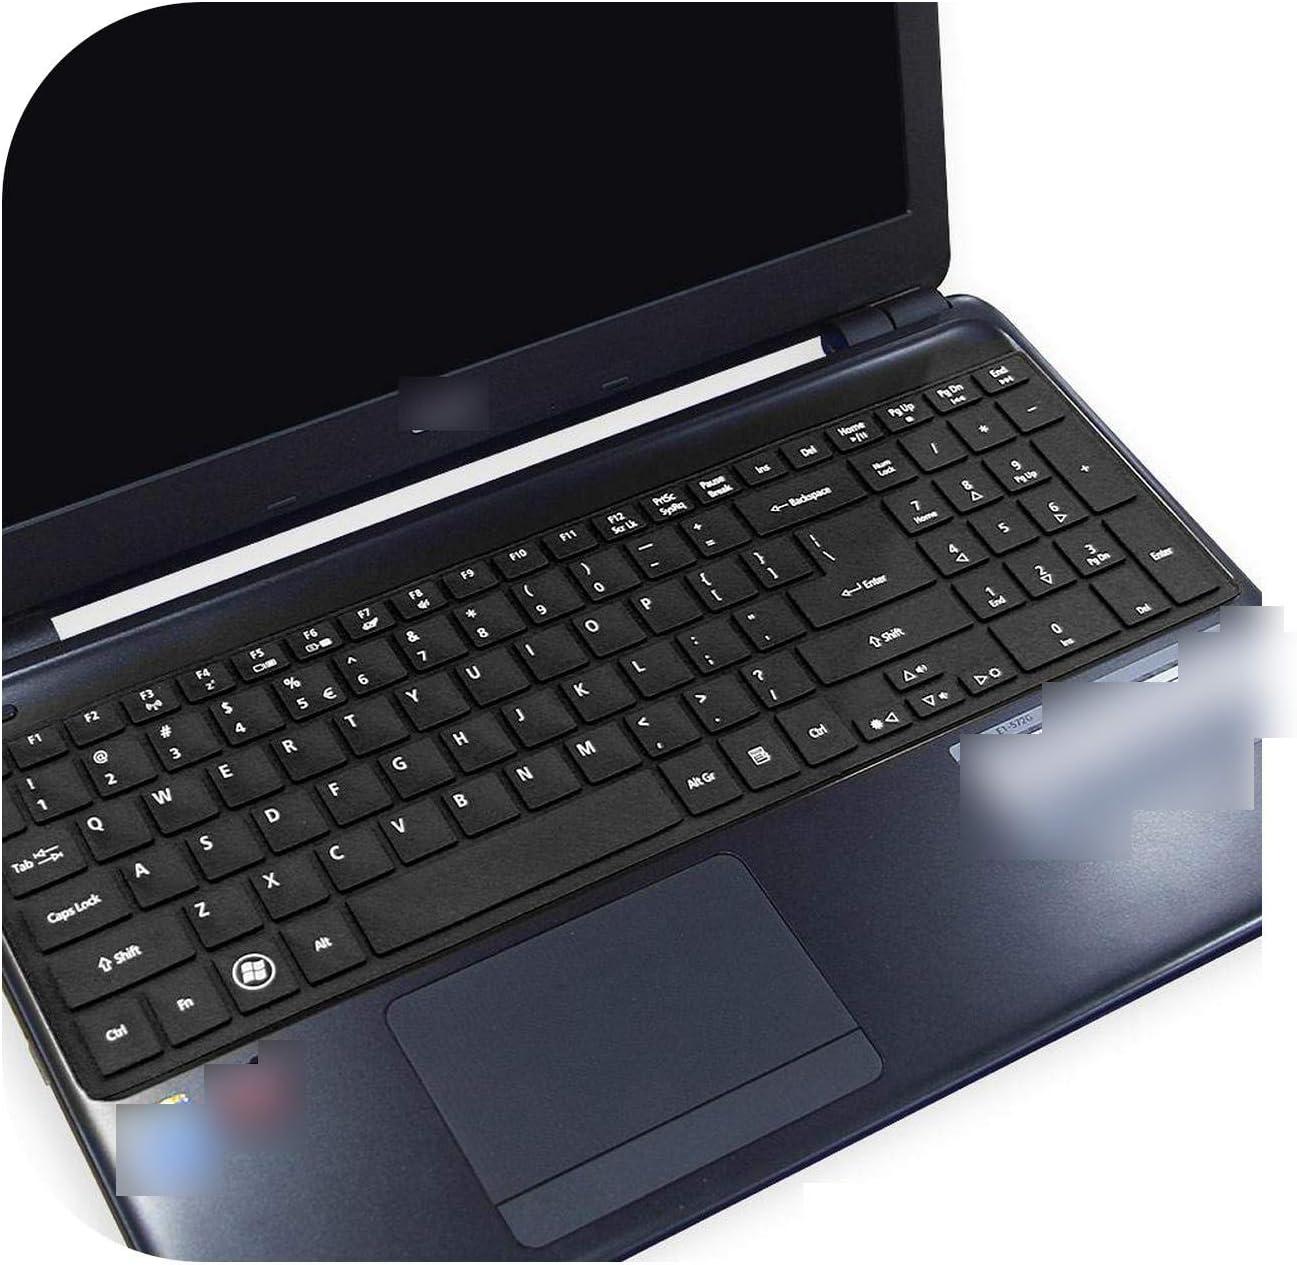 for Acer Aspire 5830 5830T 5830G 5951G 8951 5755 5950G 8950G 5951 V3 551 V3 571 572 771 772 731 15Inch Keyboard Cover Protector-Allpink